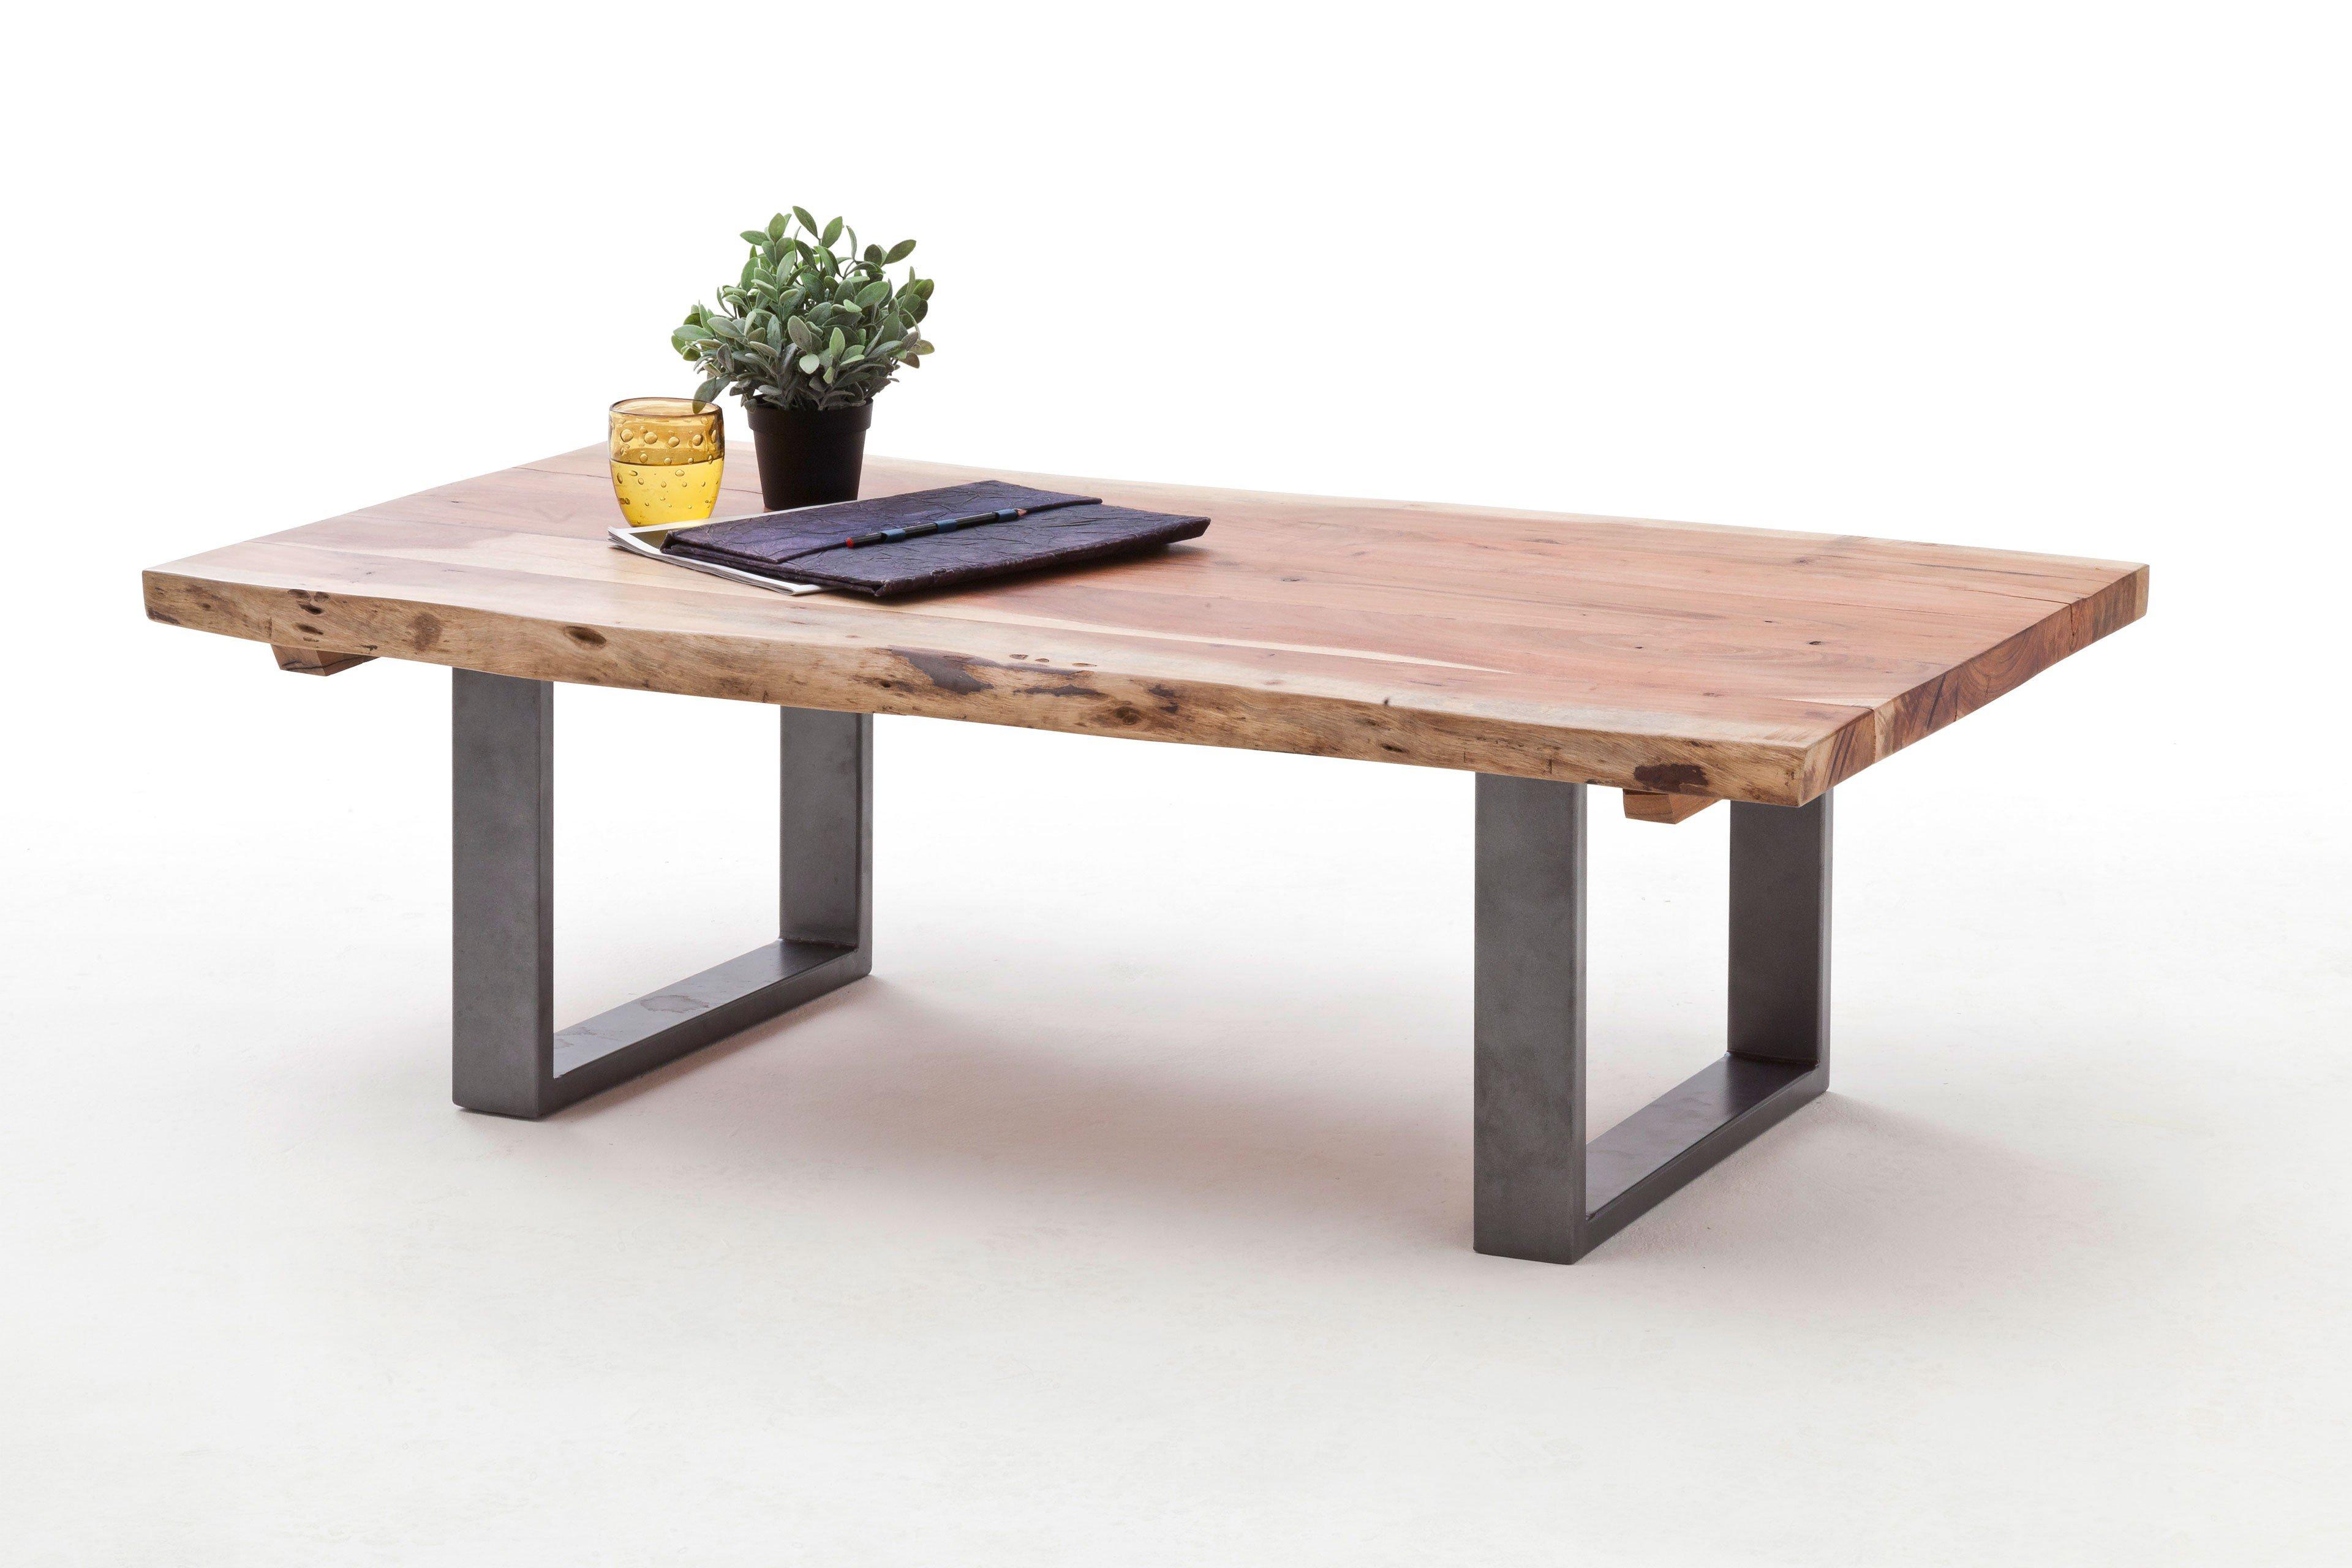 mca direkt couchtisch mcart wood fregano akazie natur m bel letz ihr online shop. Black Bedroom Furniture Sets. Home Design Ideas